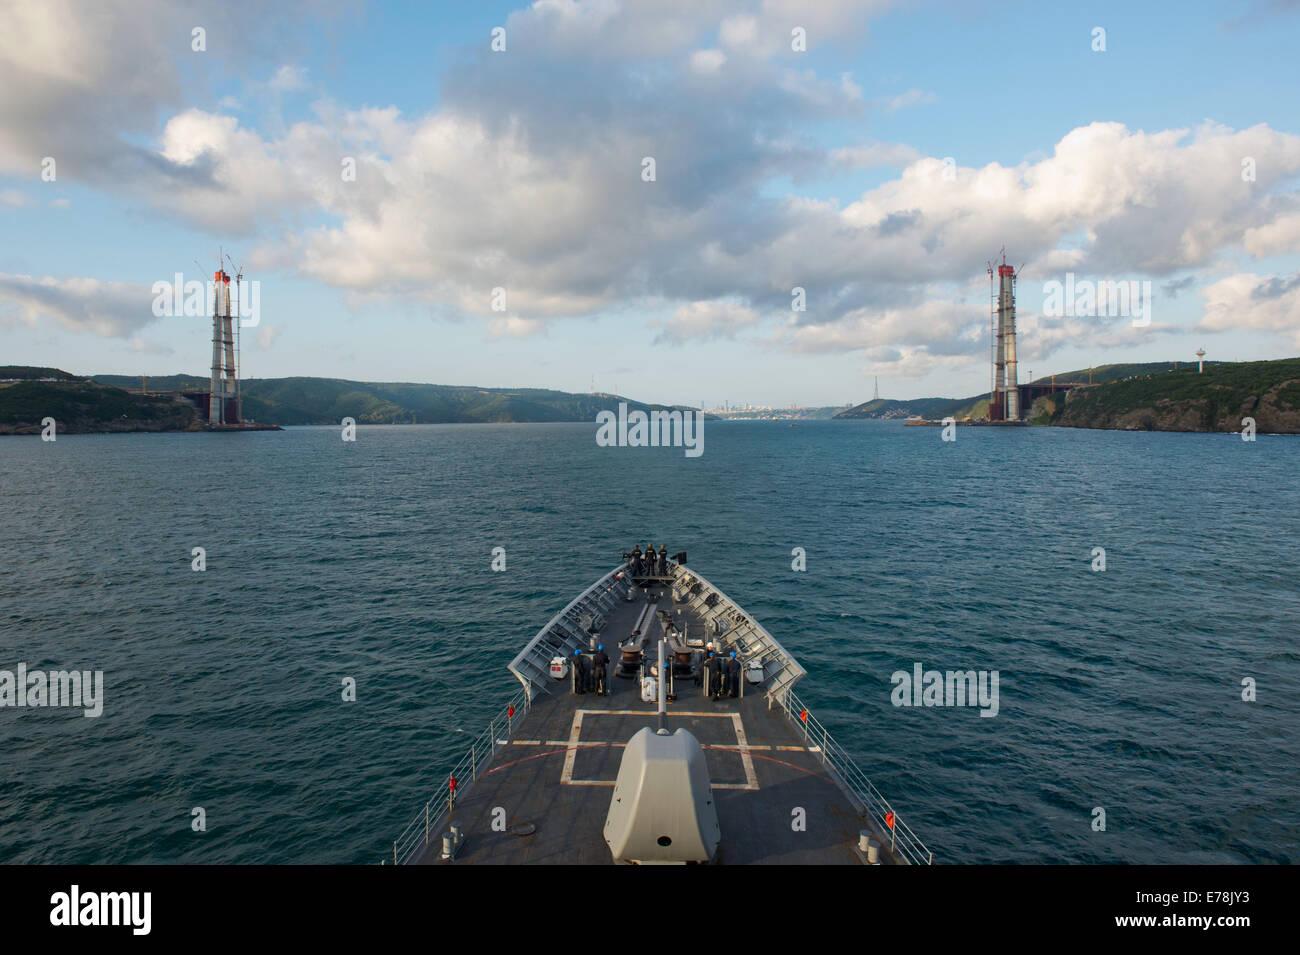 Der Lenkflugkörper Kreuzer USS Vella Gulf (CG-72) fährt zum Schwarzen Meer und der Bosporus 26. August 2014 betritt. Die Vella Gulf durchgeführt maritime Security Operations und Sicherheit Theaterengagements in das Schwarze Meer als Teil des US-Engagements t Stockfoto